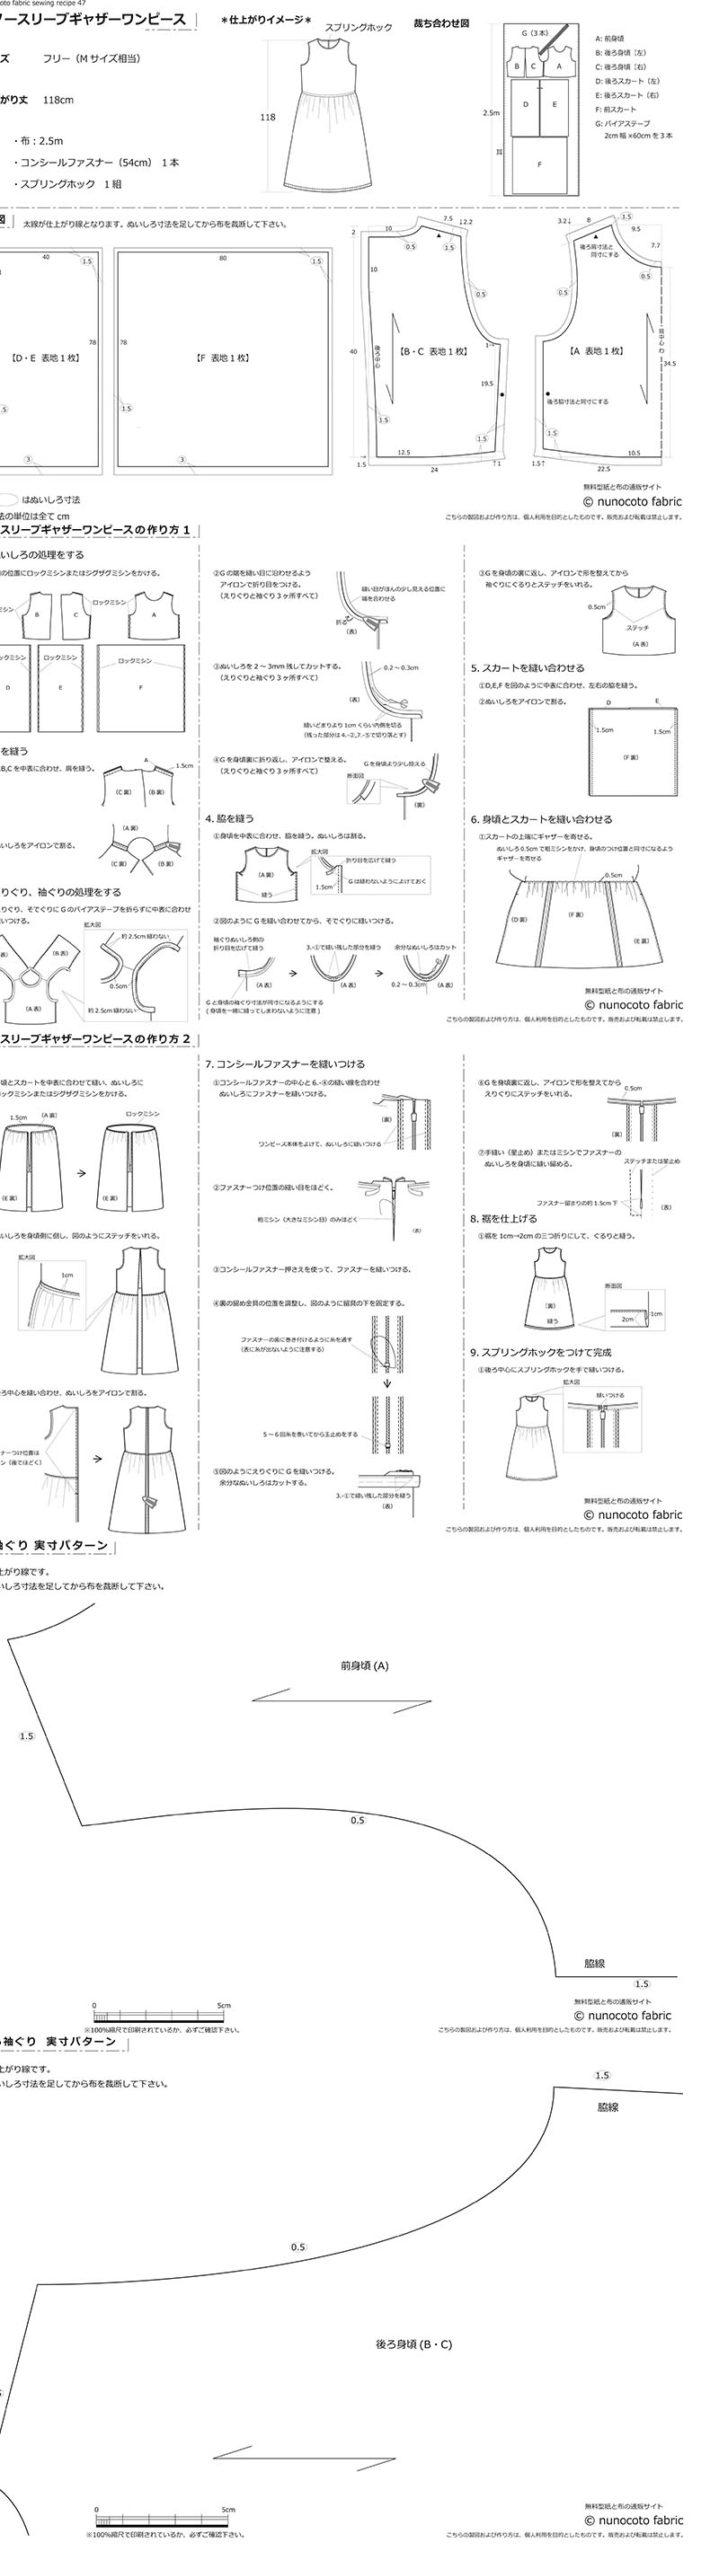 ノースリーブギャザーワンピースの製図・作り方・パーツ型紙